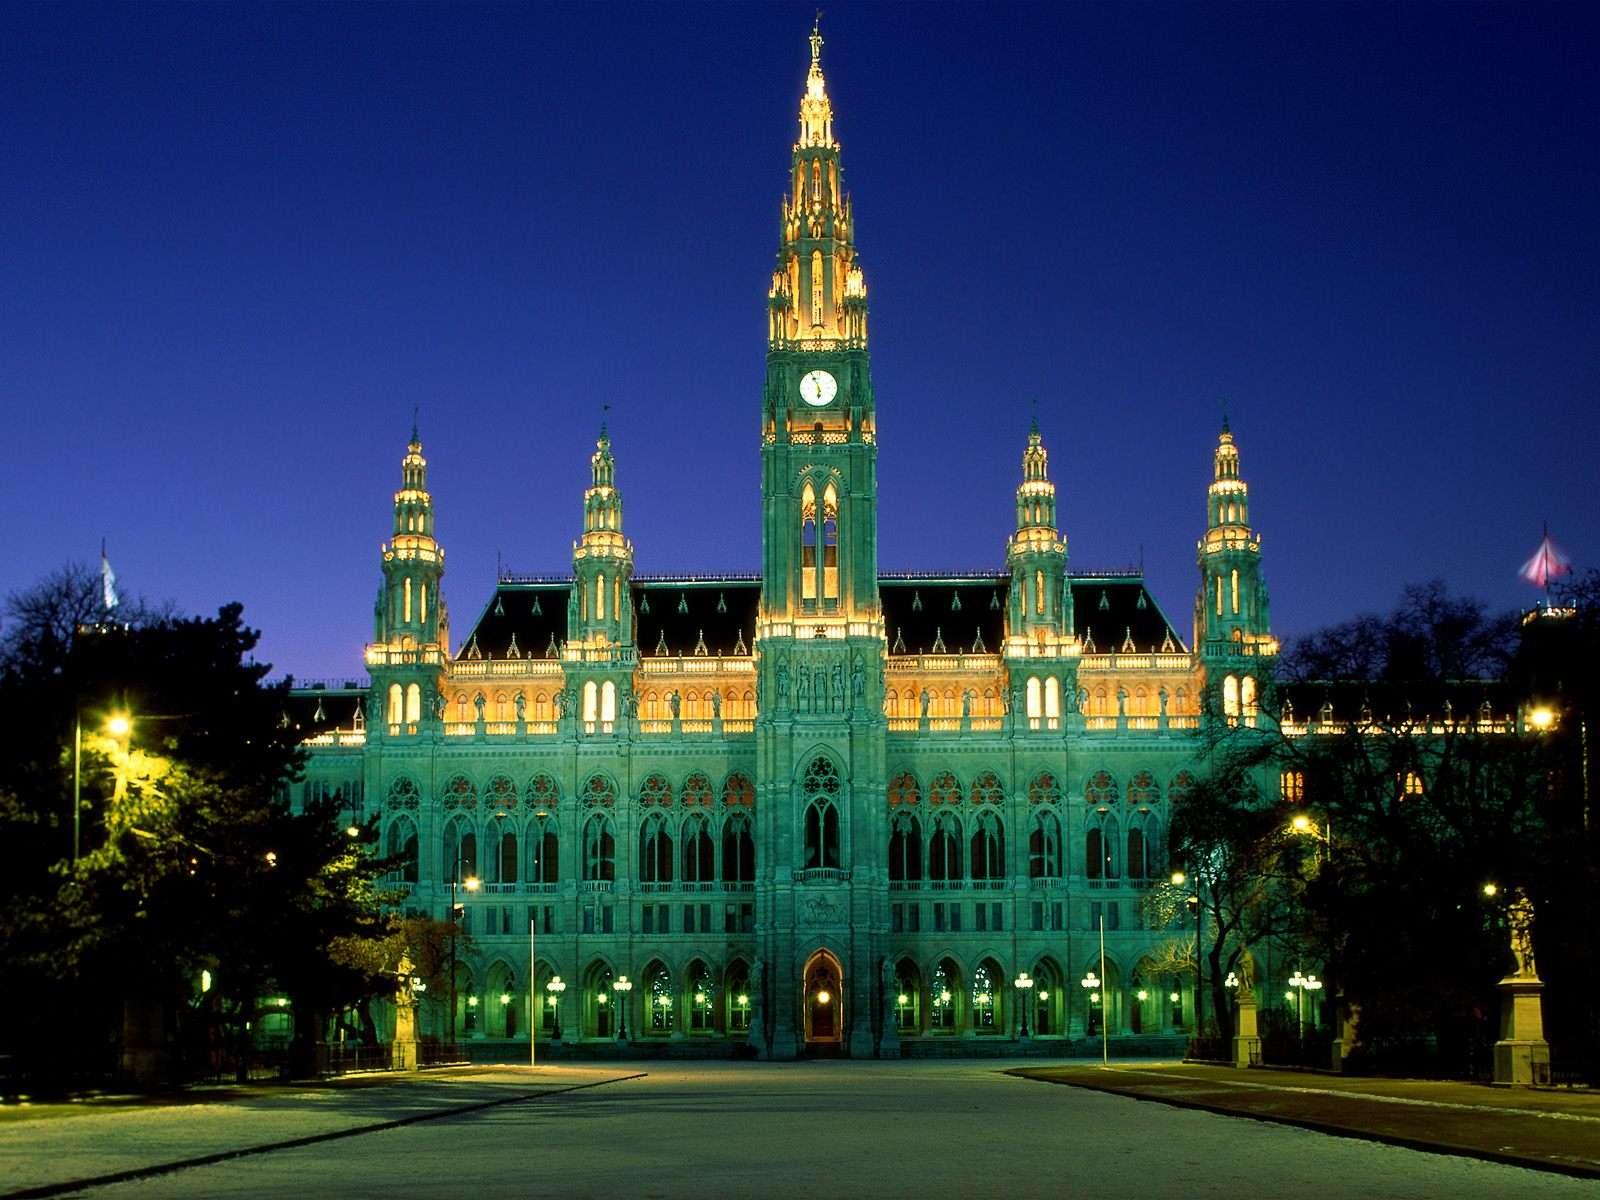 صورة السياحة في النمسا , ابرز الاماكن السياحية في النمسا